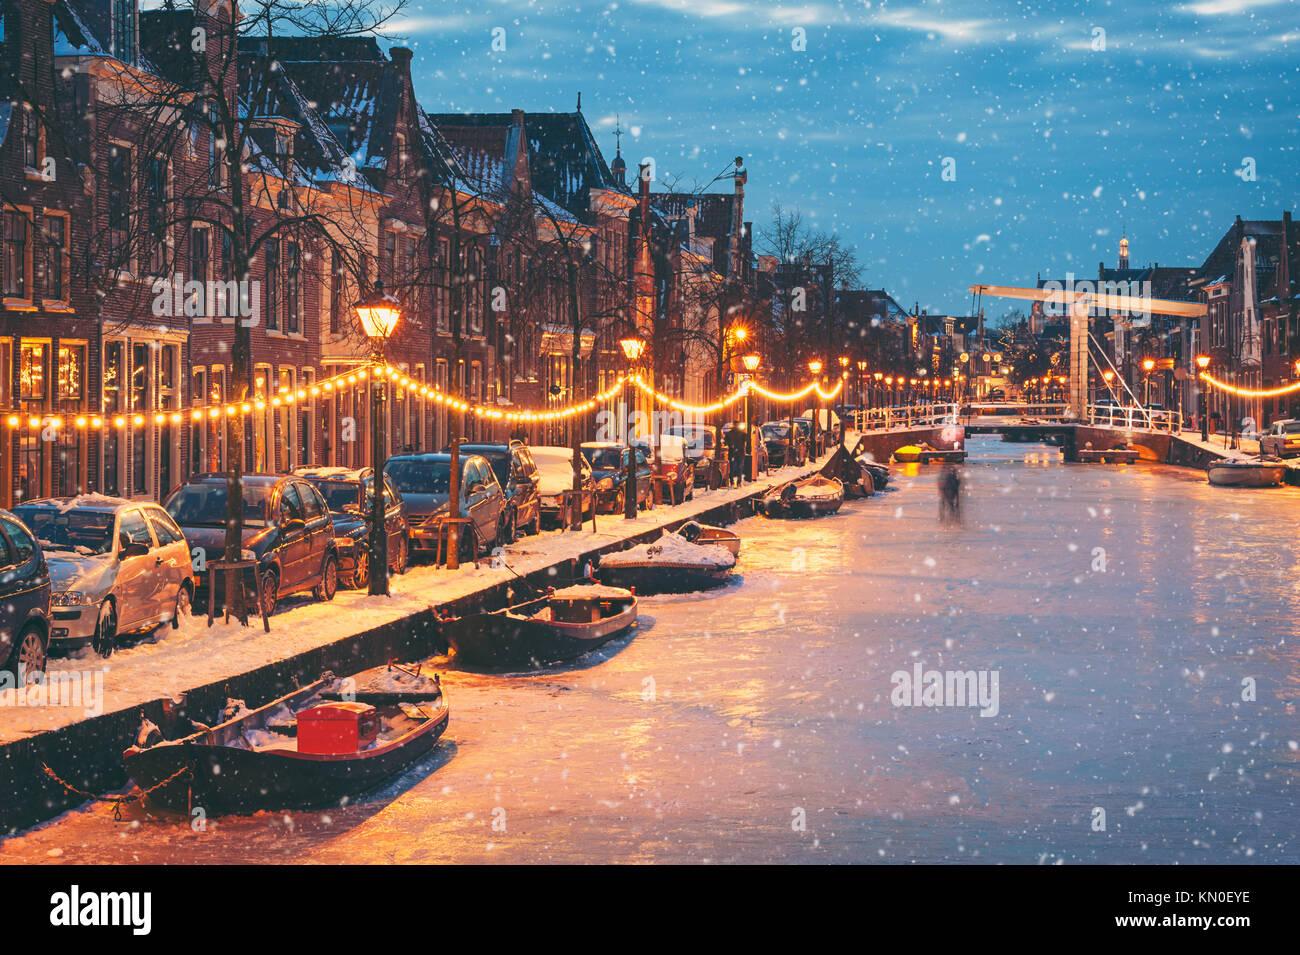 Escena de Invierno en Alkmaar, Países Bajos, con la caída de nieve y hielo natural Imagen De Stock